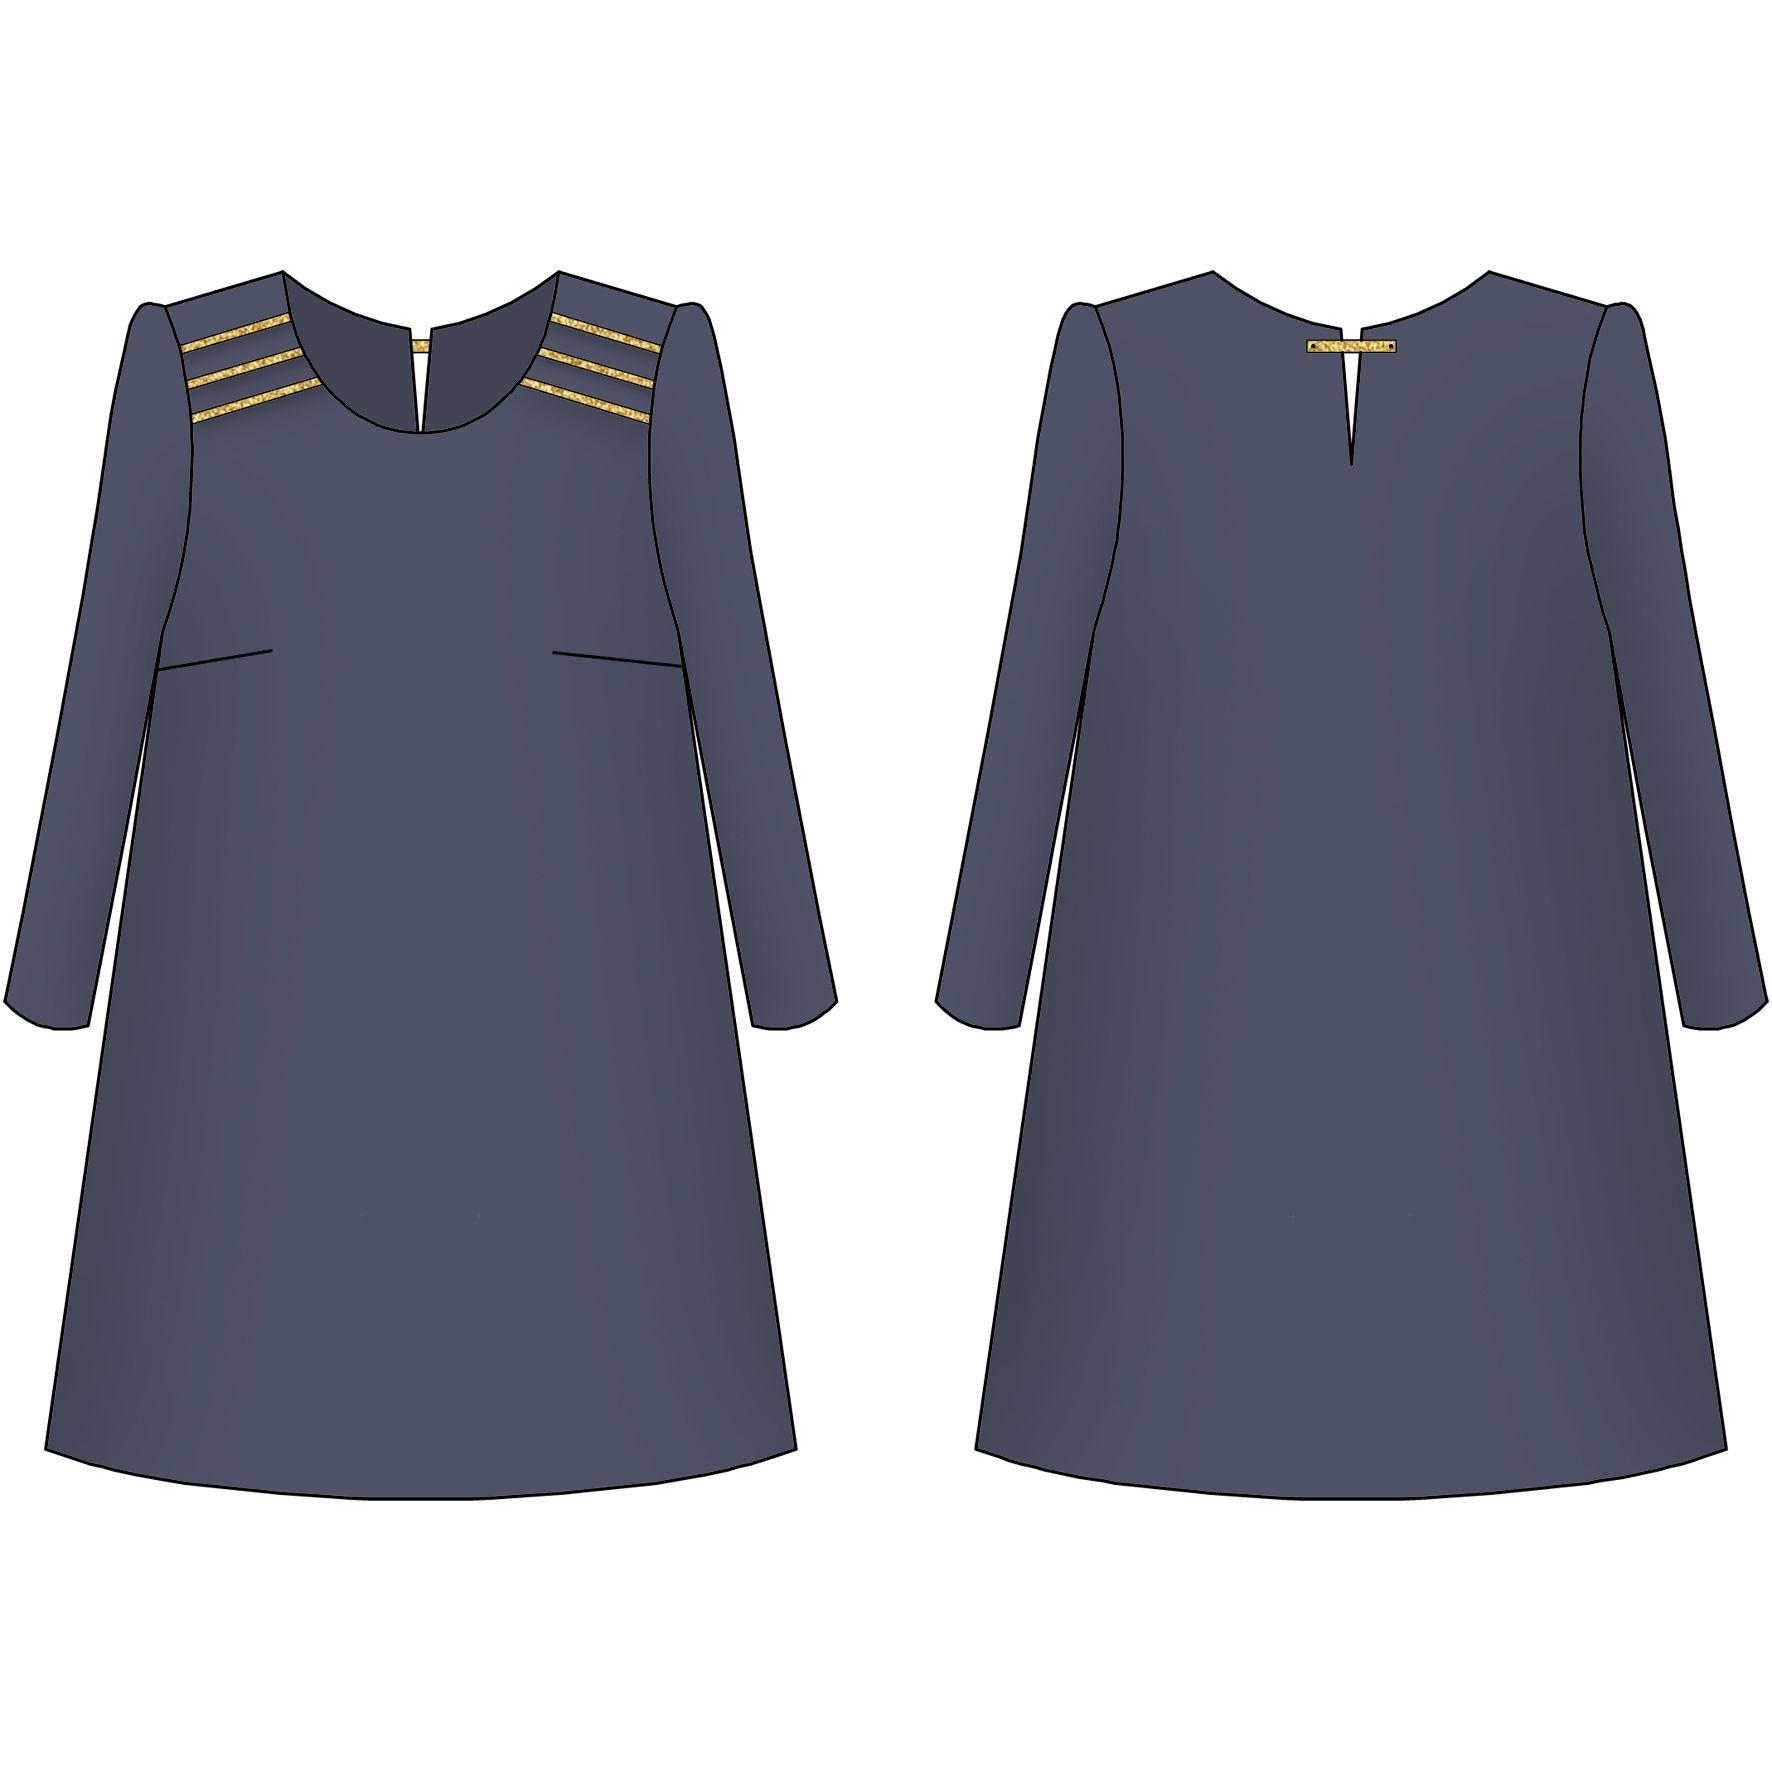 Mod le femme une jolie robe chic et f minine nour est un city basique pour votre garde robe - Changer sa garde robe femme ...